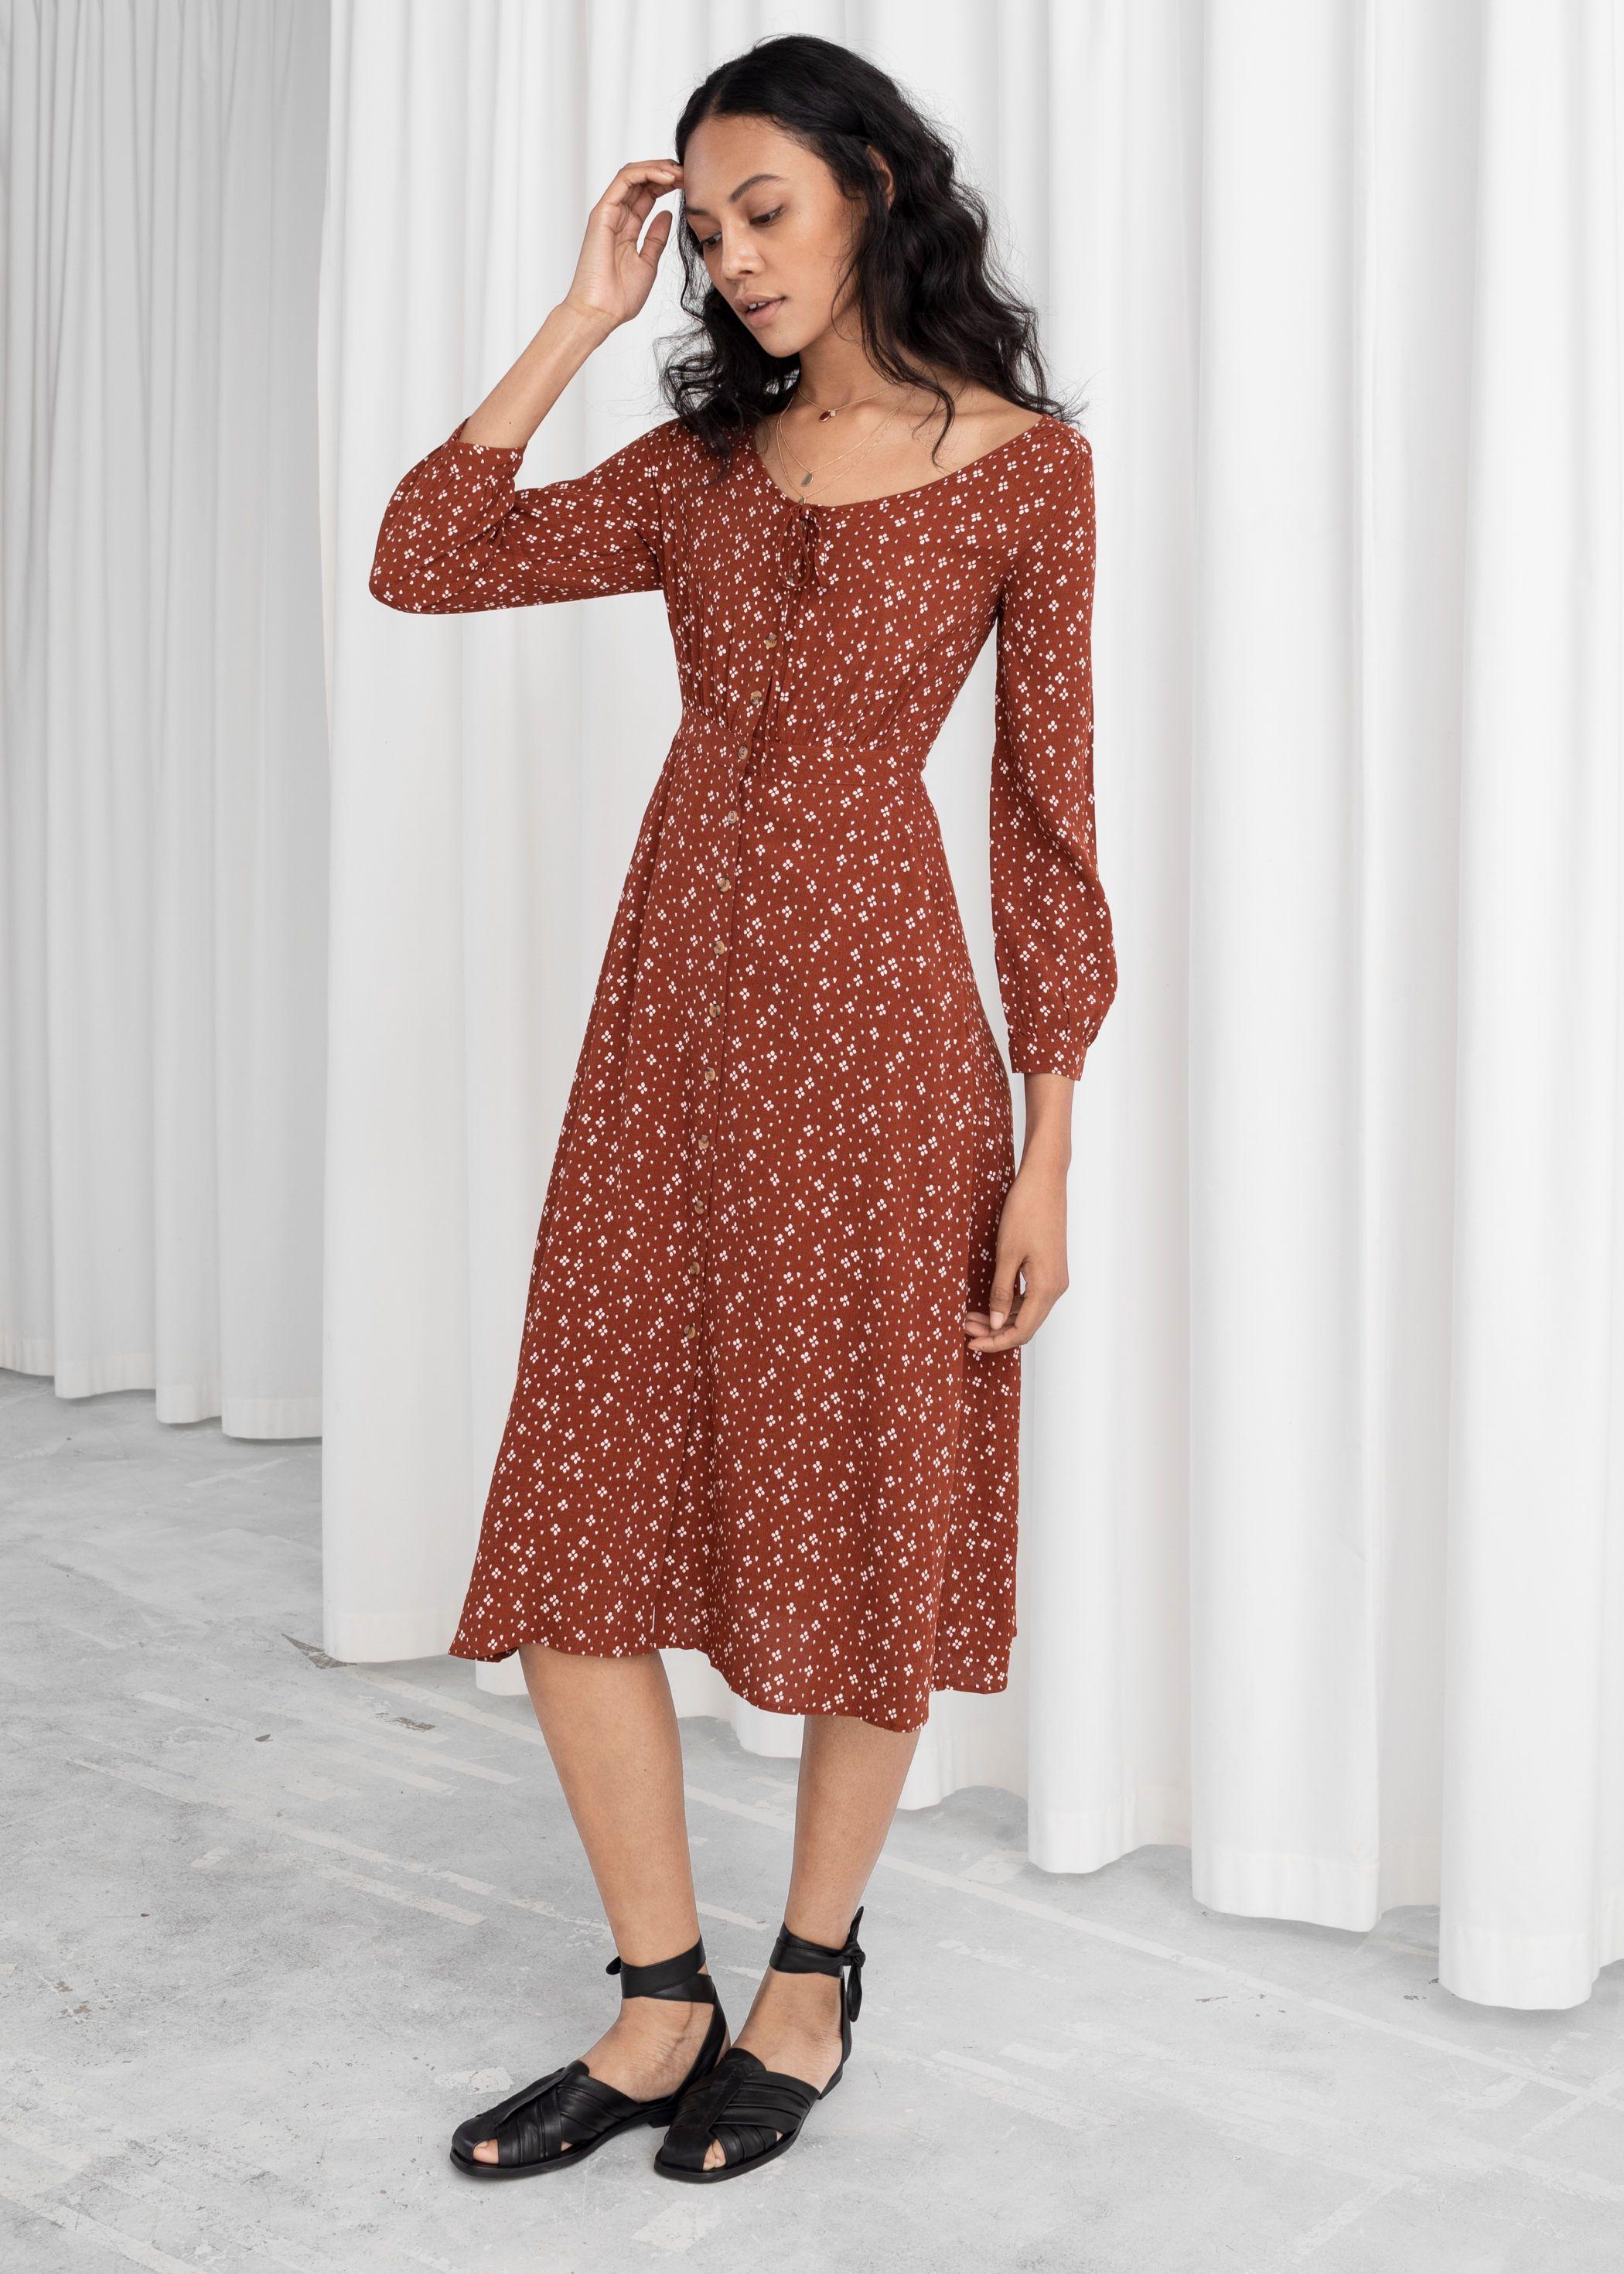 Printed Button Up Midi Dress Midi Dress Print Dress Dresses [ 2940 x 2100 Pixel ]